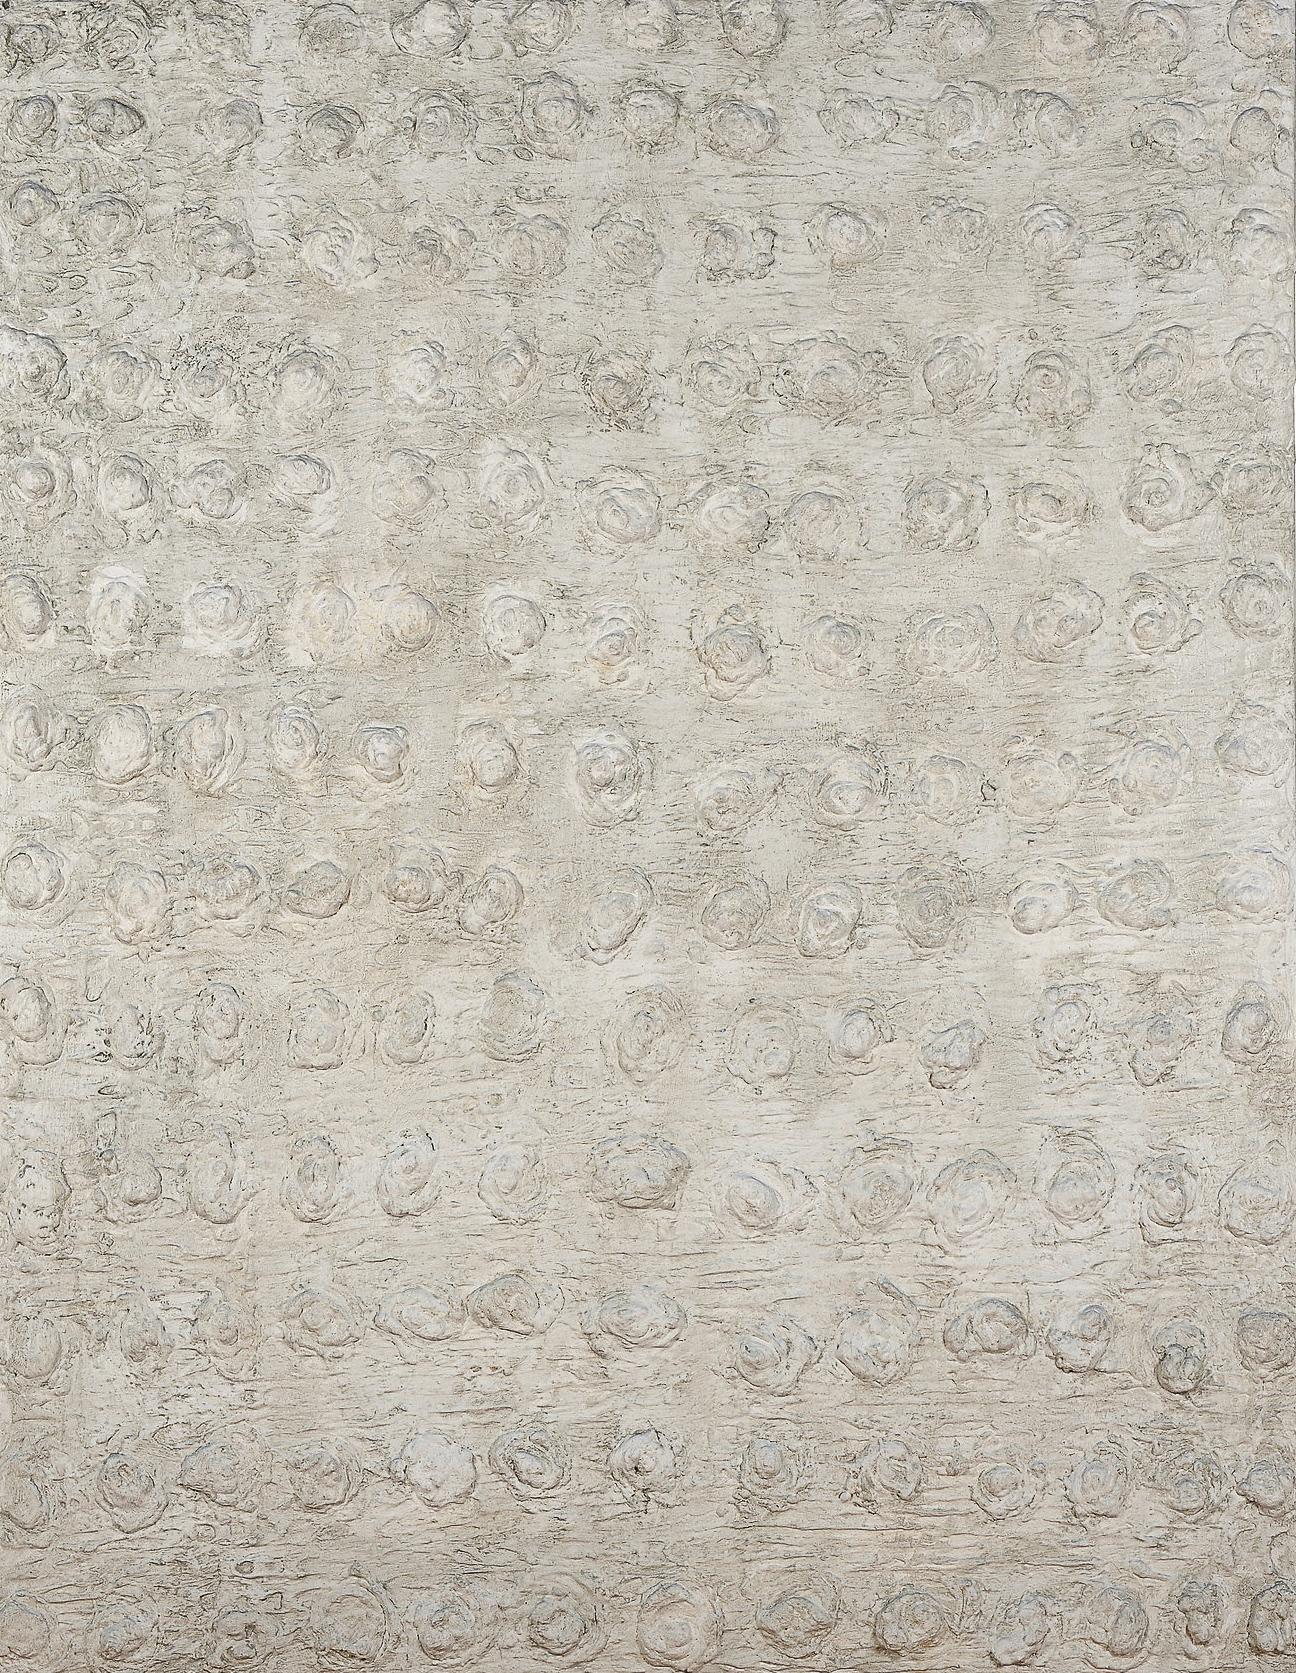 O. T., 2011, Mischtechnik auf Leinwand, 180 x 140 cm